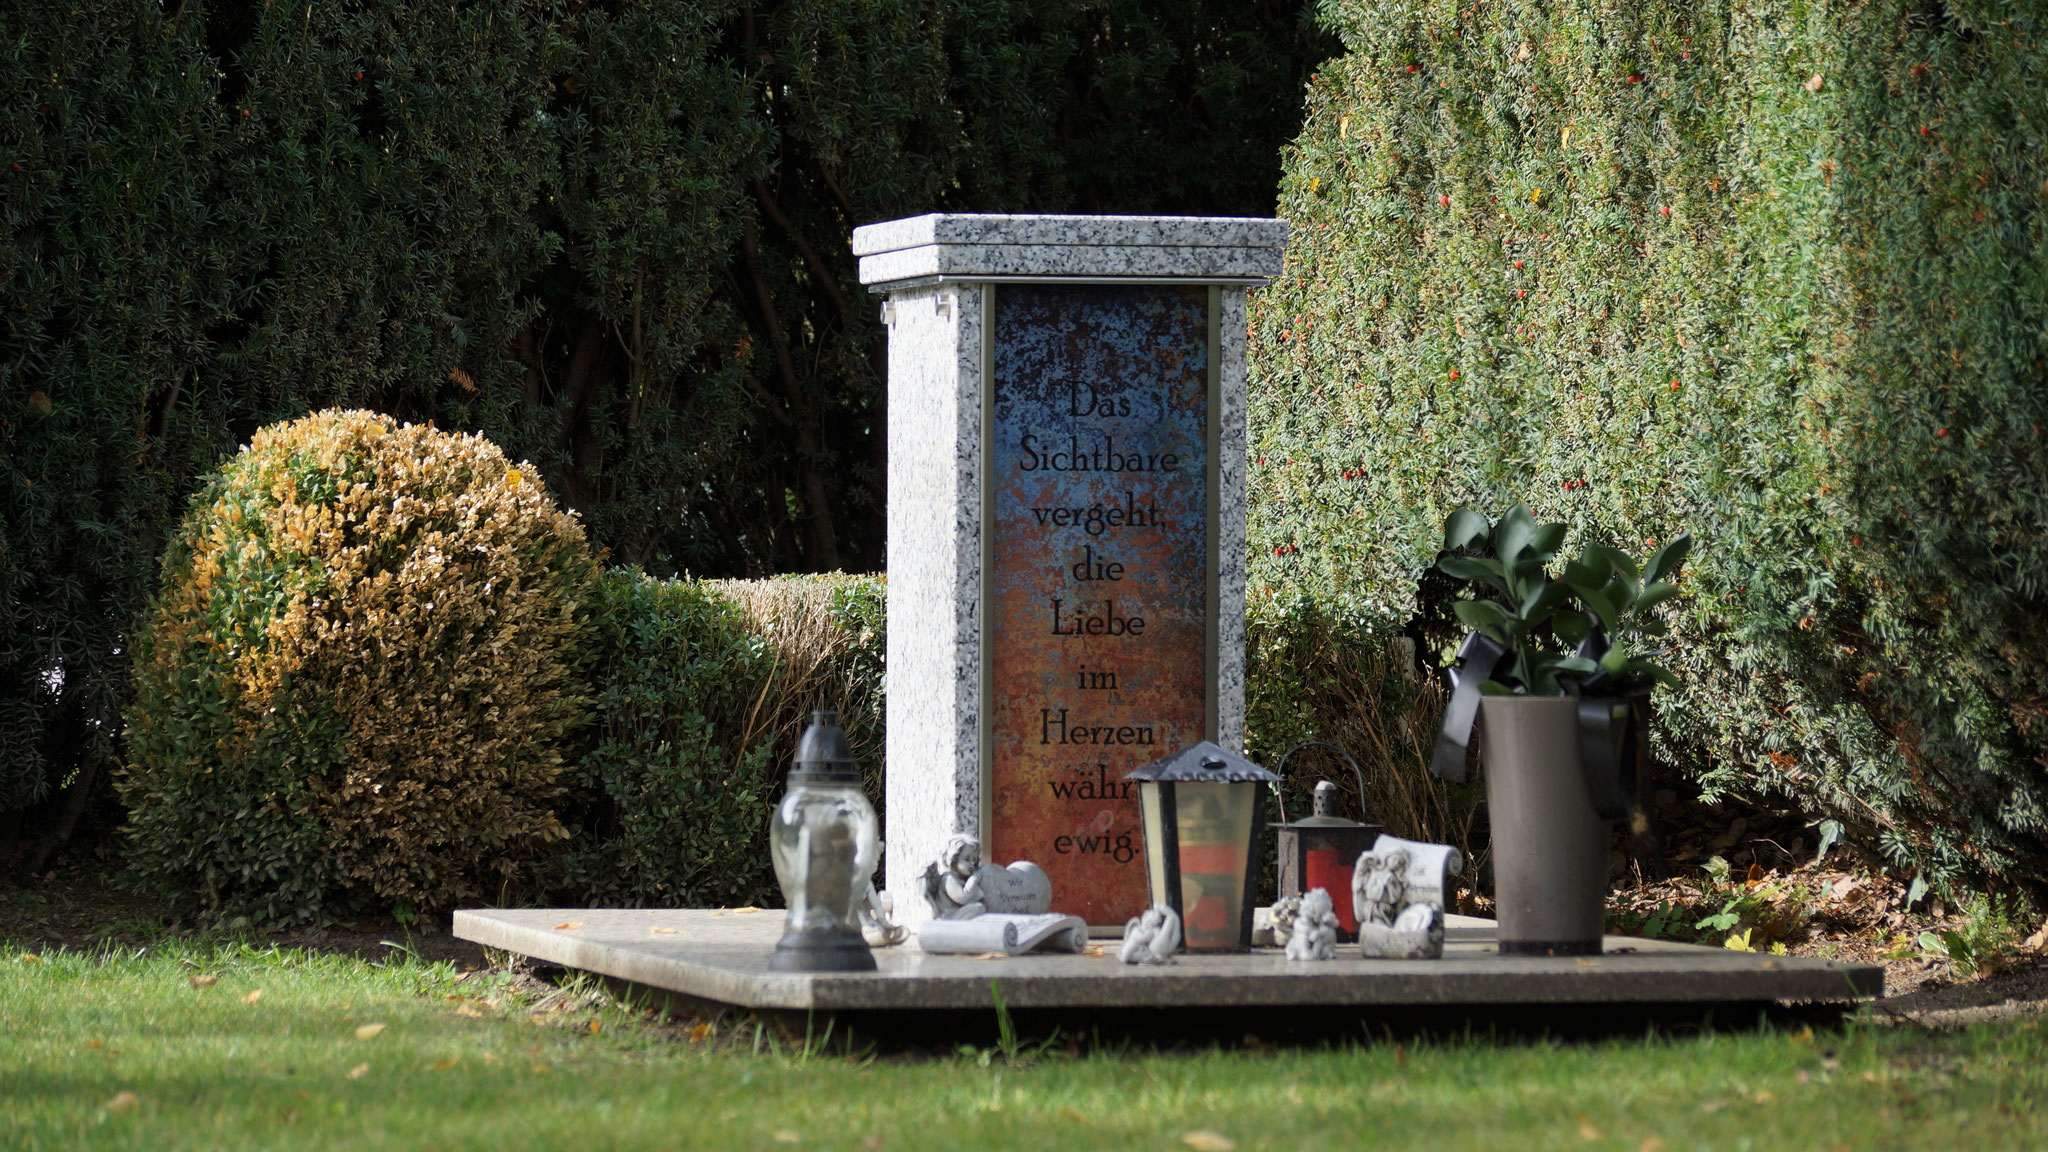 Urnensäule / Urnenstele Bianco Sardo, Seitenteil Glas Sonderdruck, Glas in Frontansicht